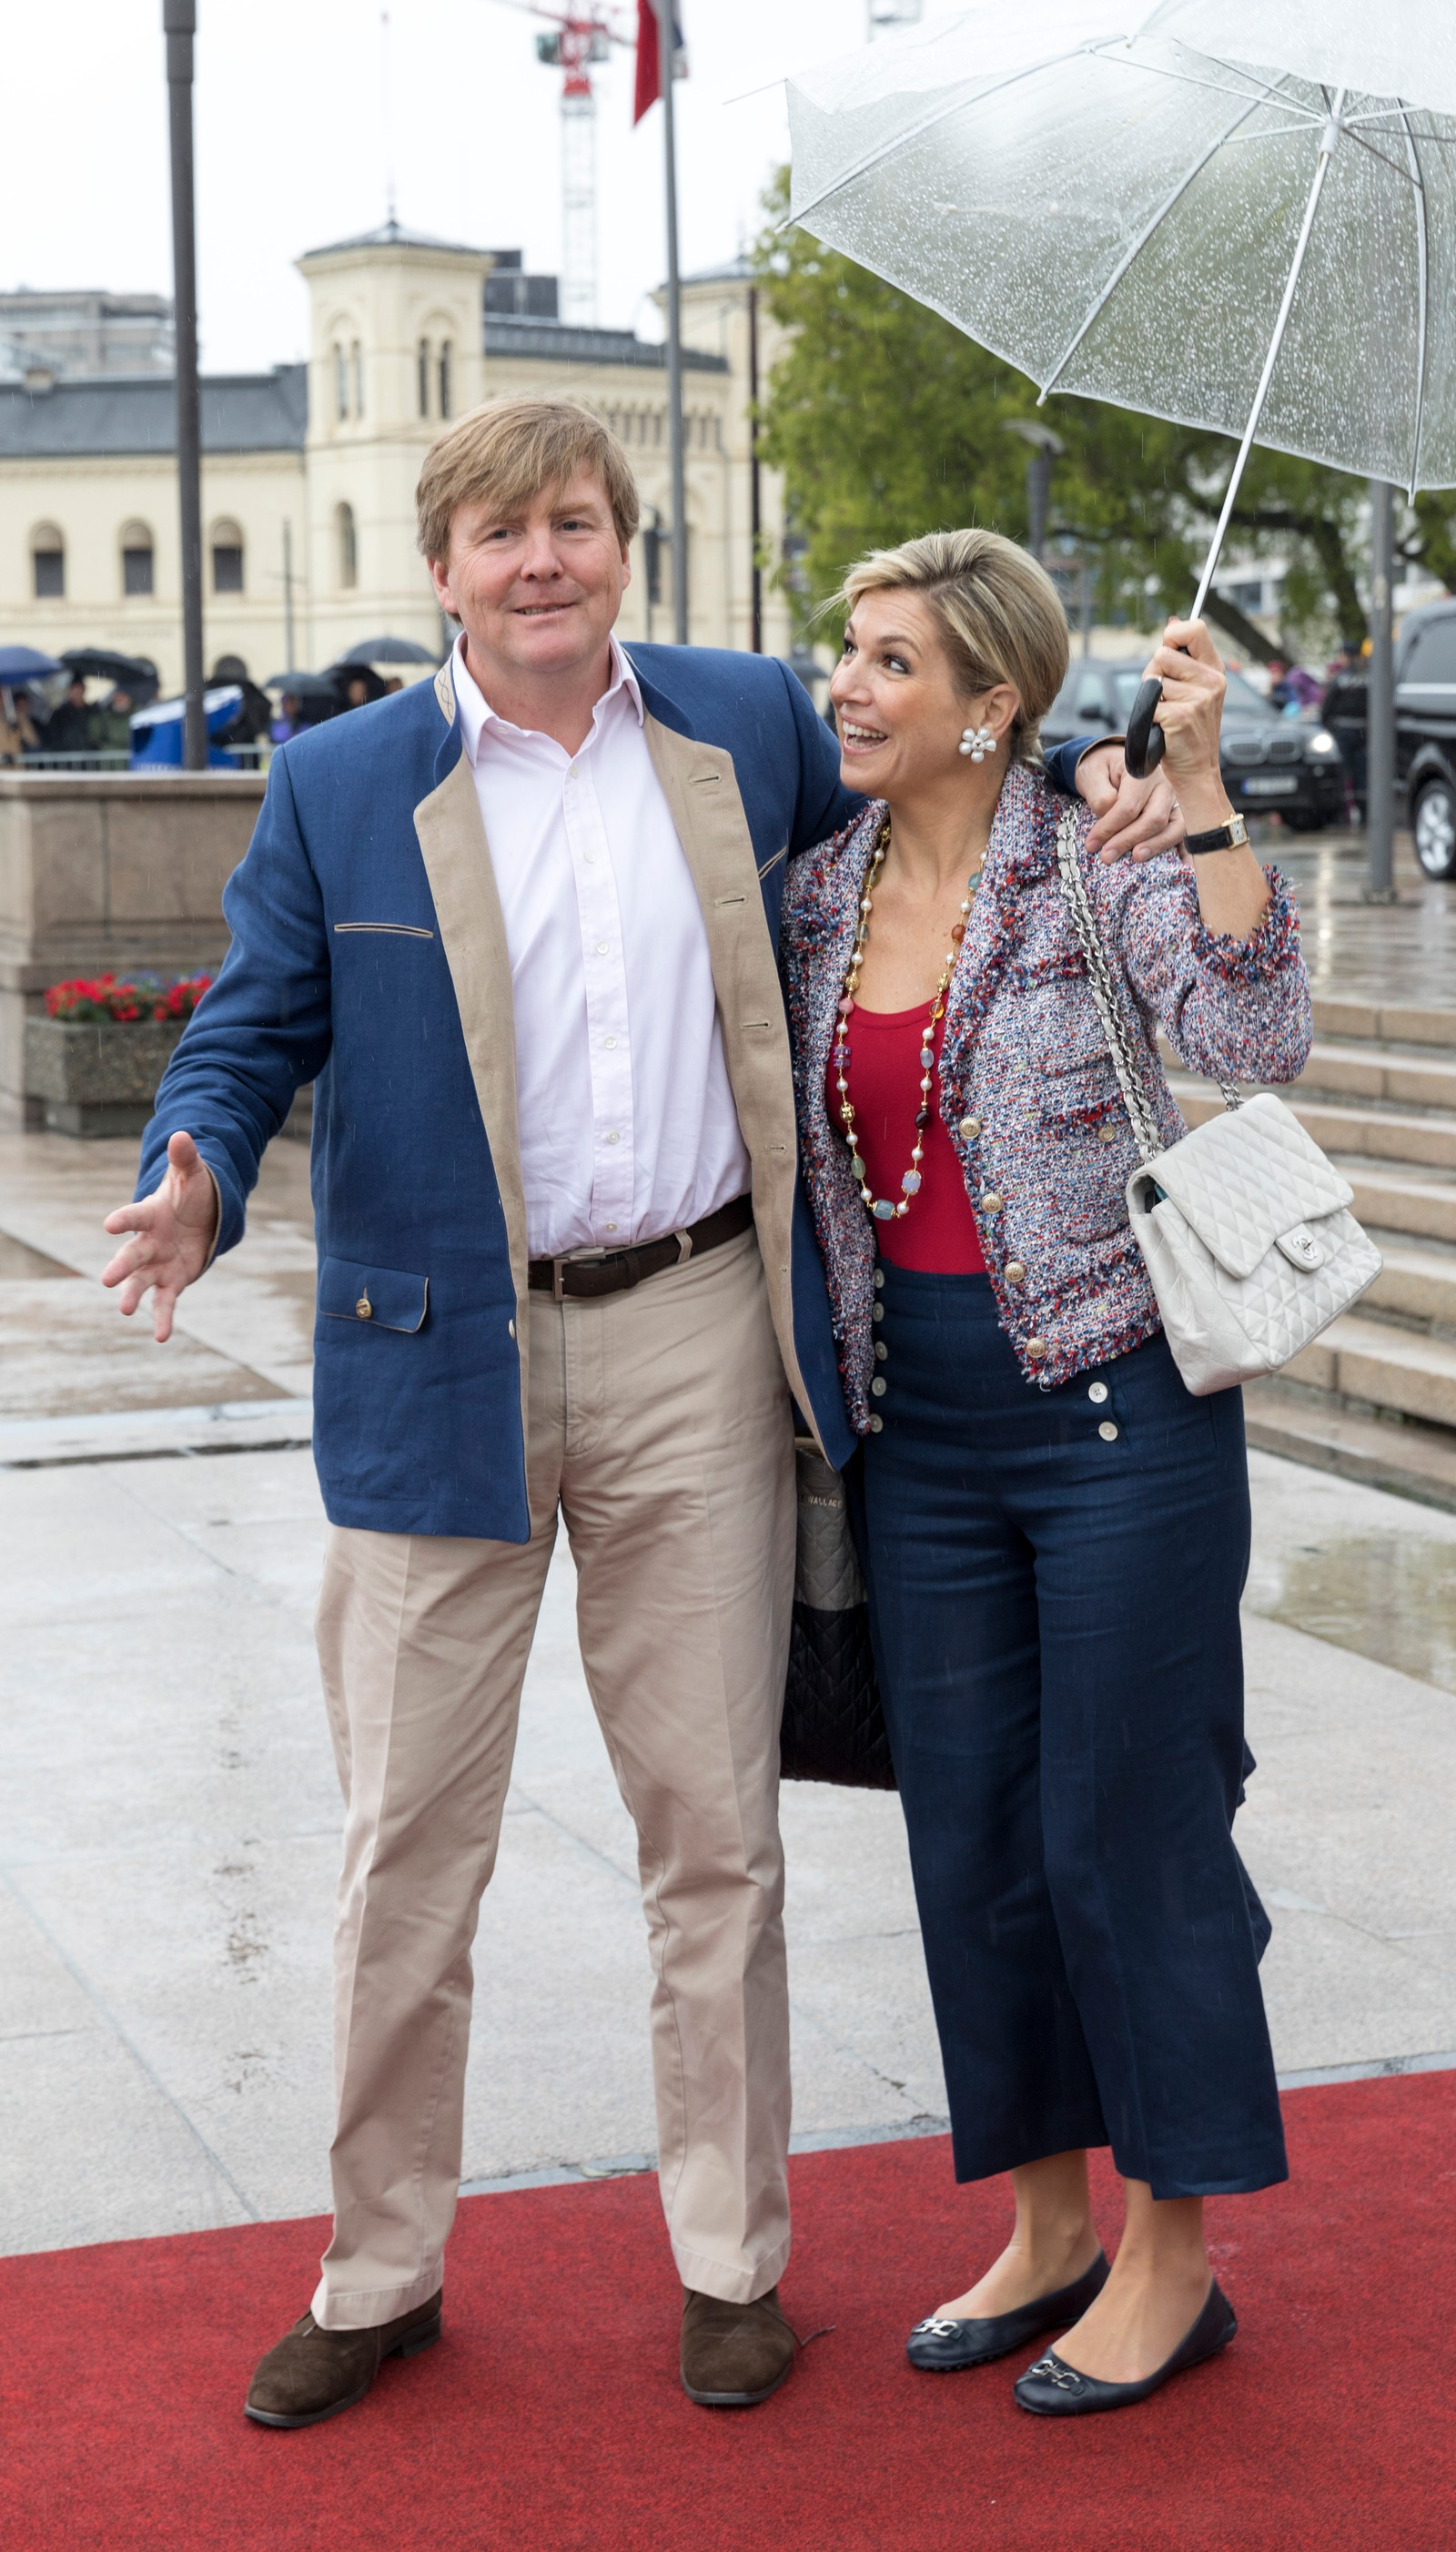 Kong Willem-Alexander og dronning Maxima av Nederland ved avreise fra honnørbrygga i Oslo på tur til lunsj på Kongeskipet Norge onsdag.